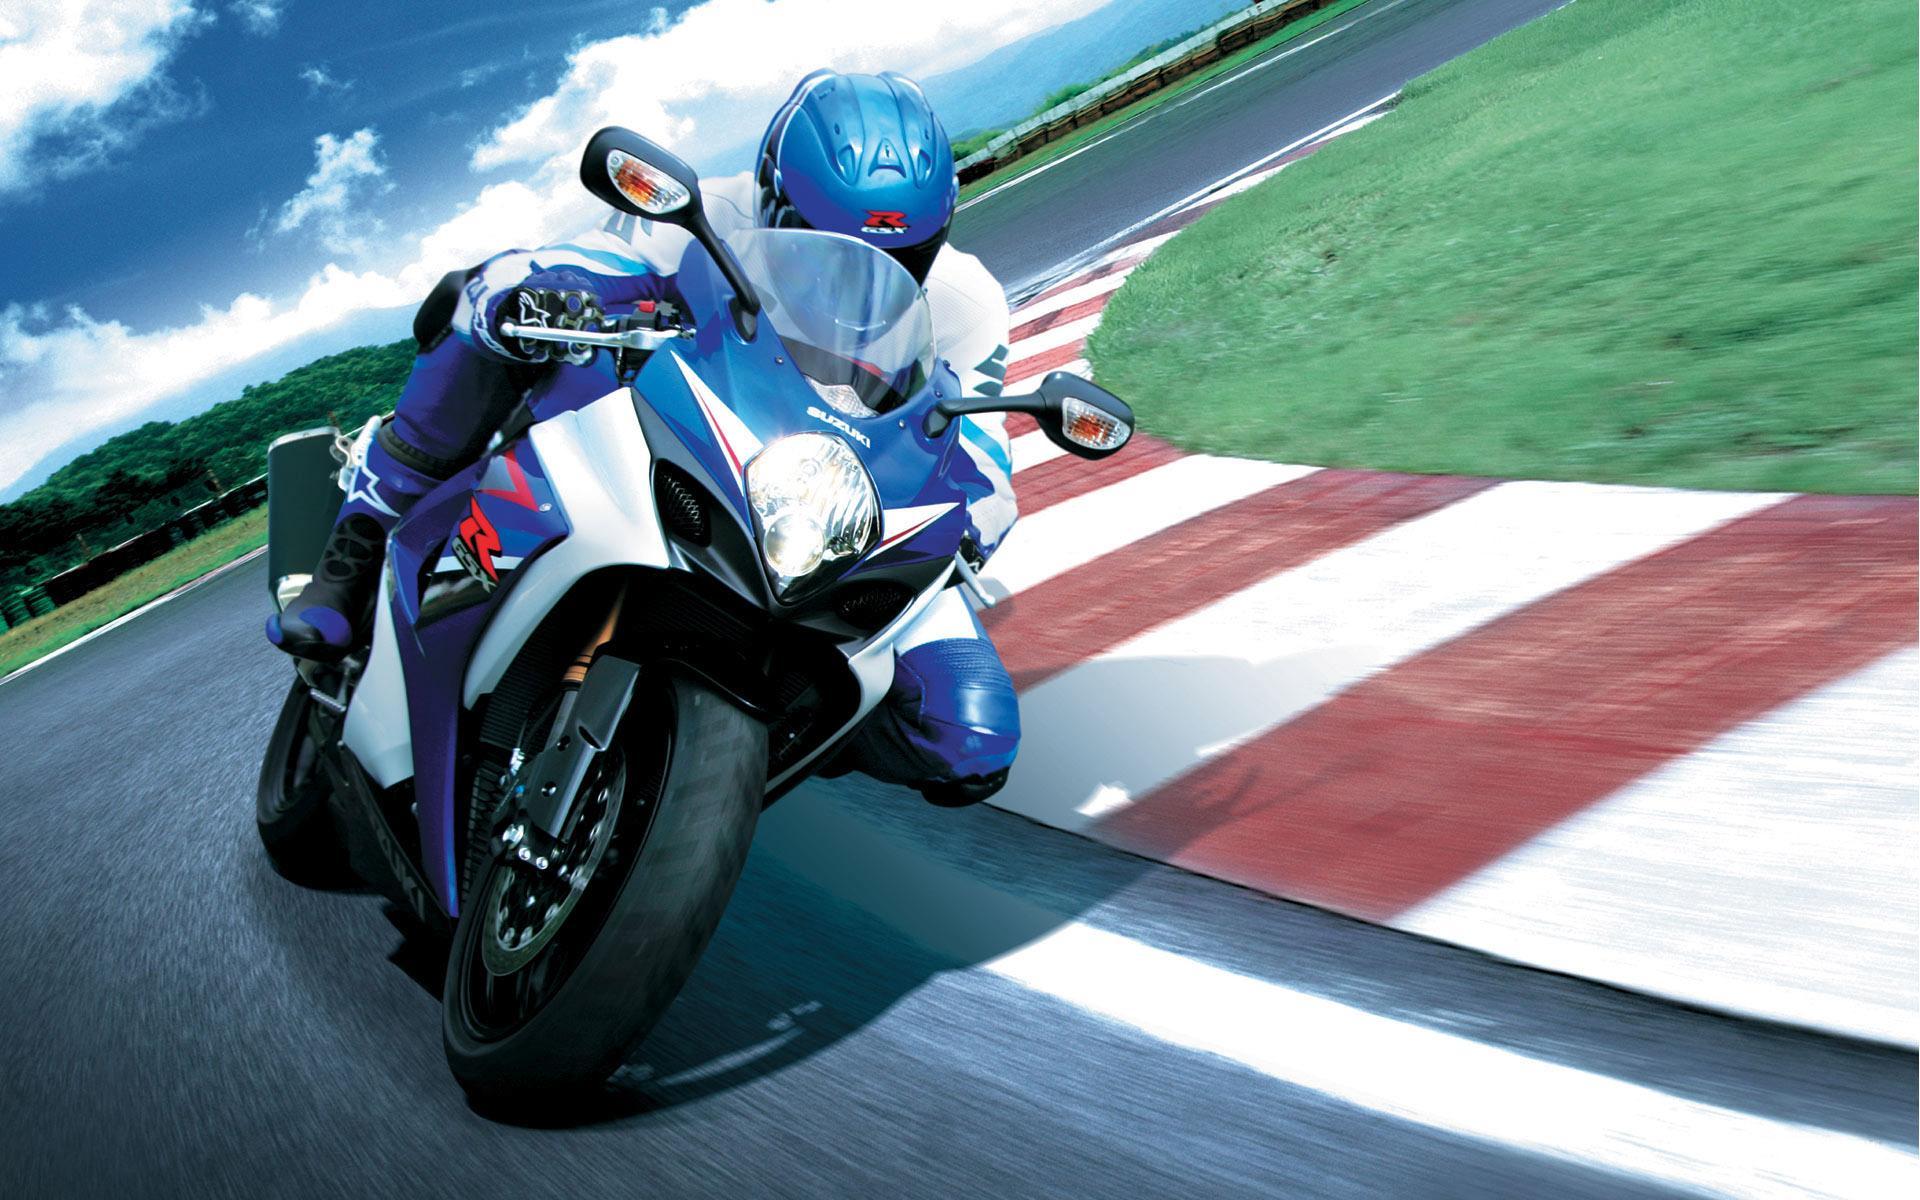 Спортивный мотоцикл suzuki на вираже обои 1920x1200.